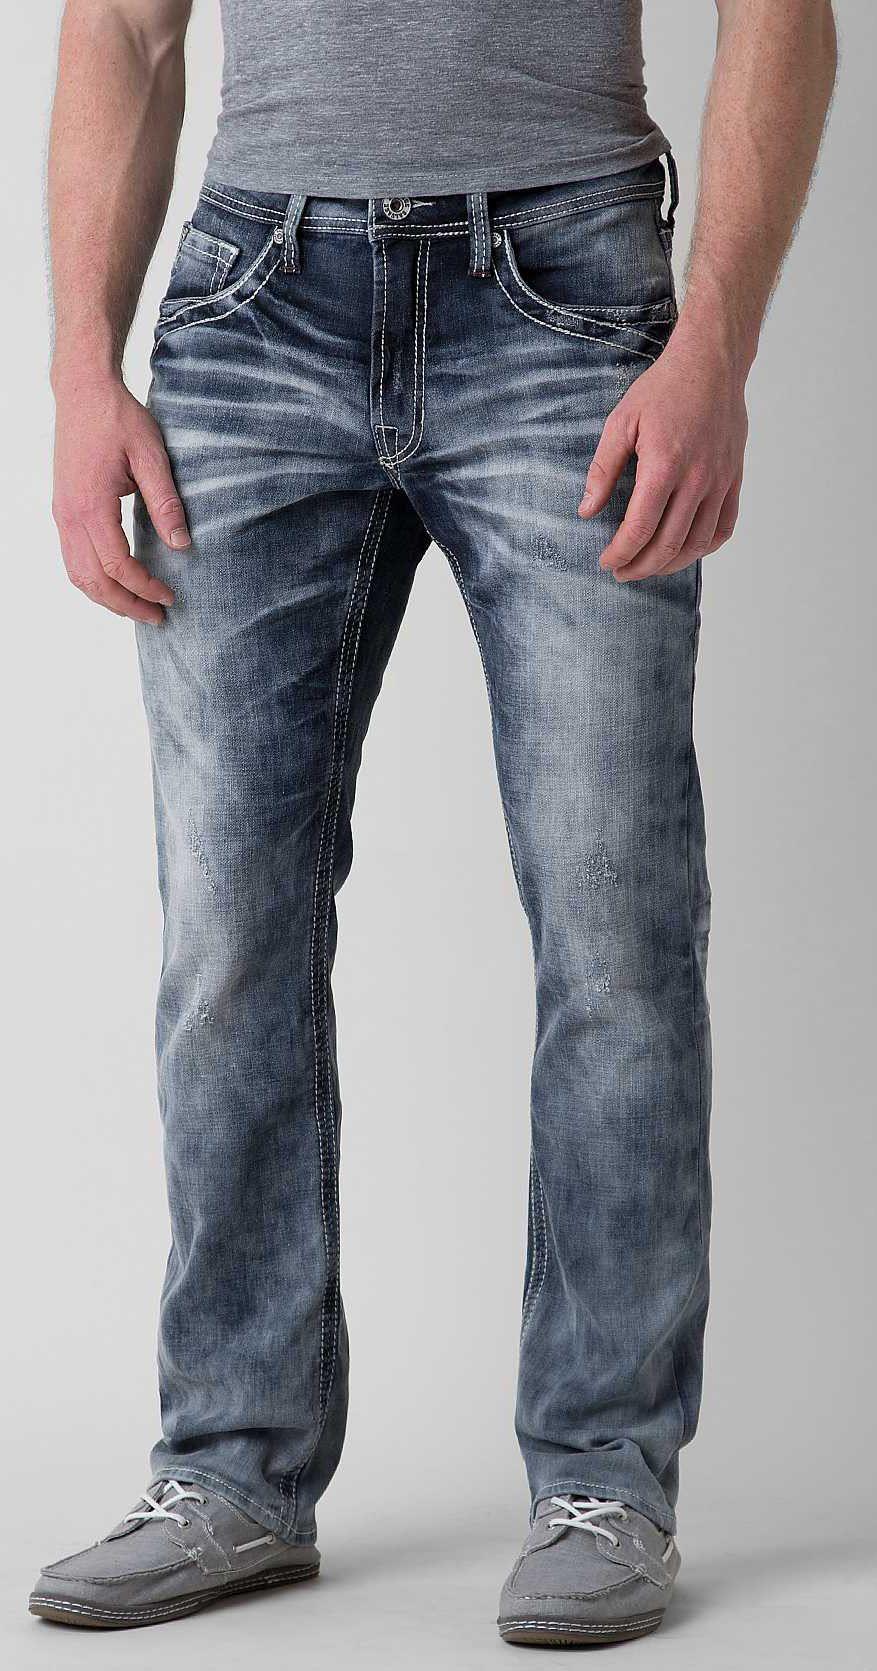 Buckle Back Jeans for Men